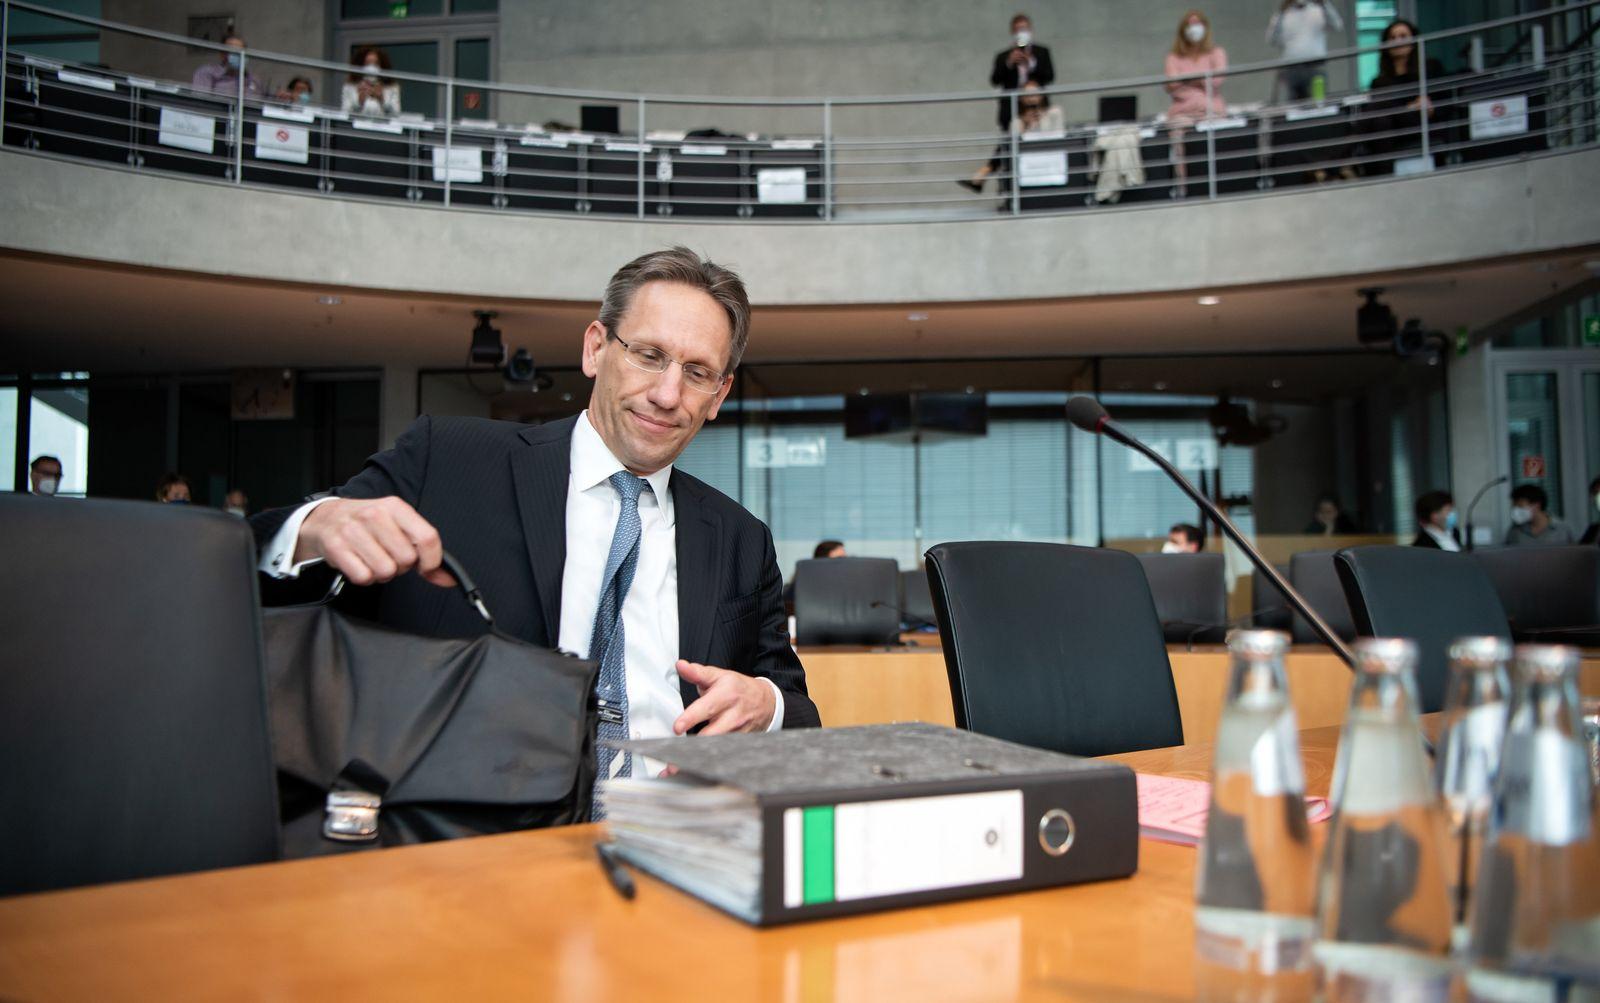 Untersuchungsausschuss zum Wirecard Bilanzskandal